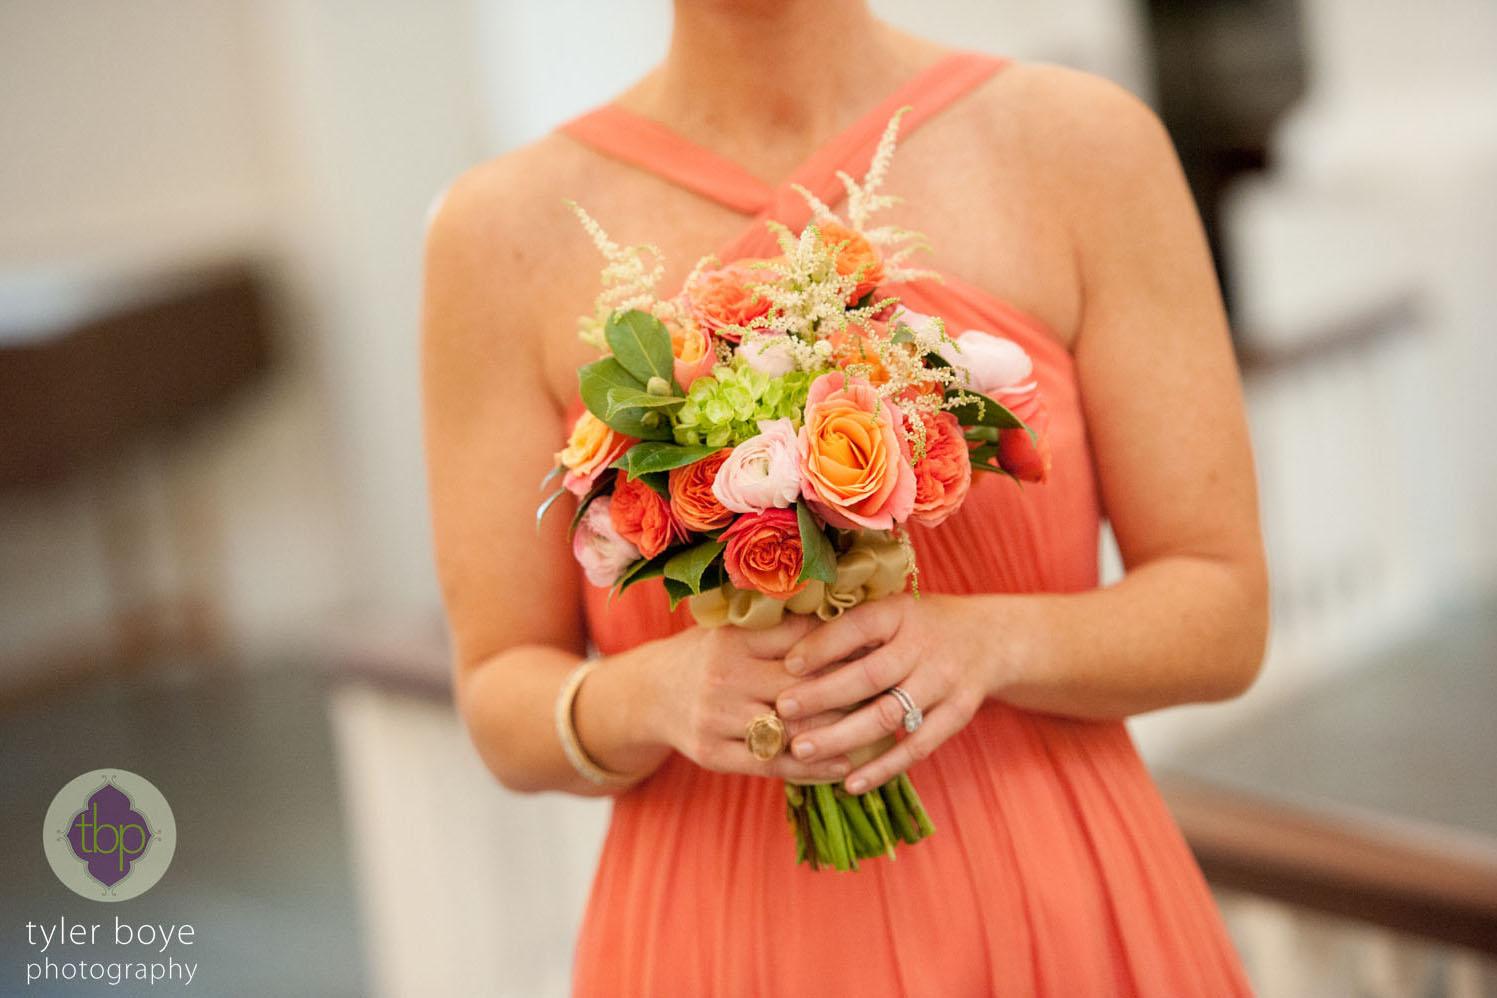 Tyler Boye Photography  | Wedding Reception | Overbrook Golf Club, Bryn Mawr, PA